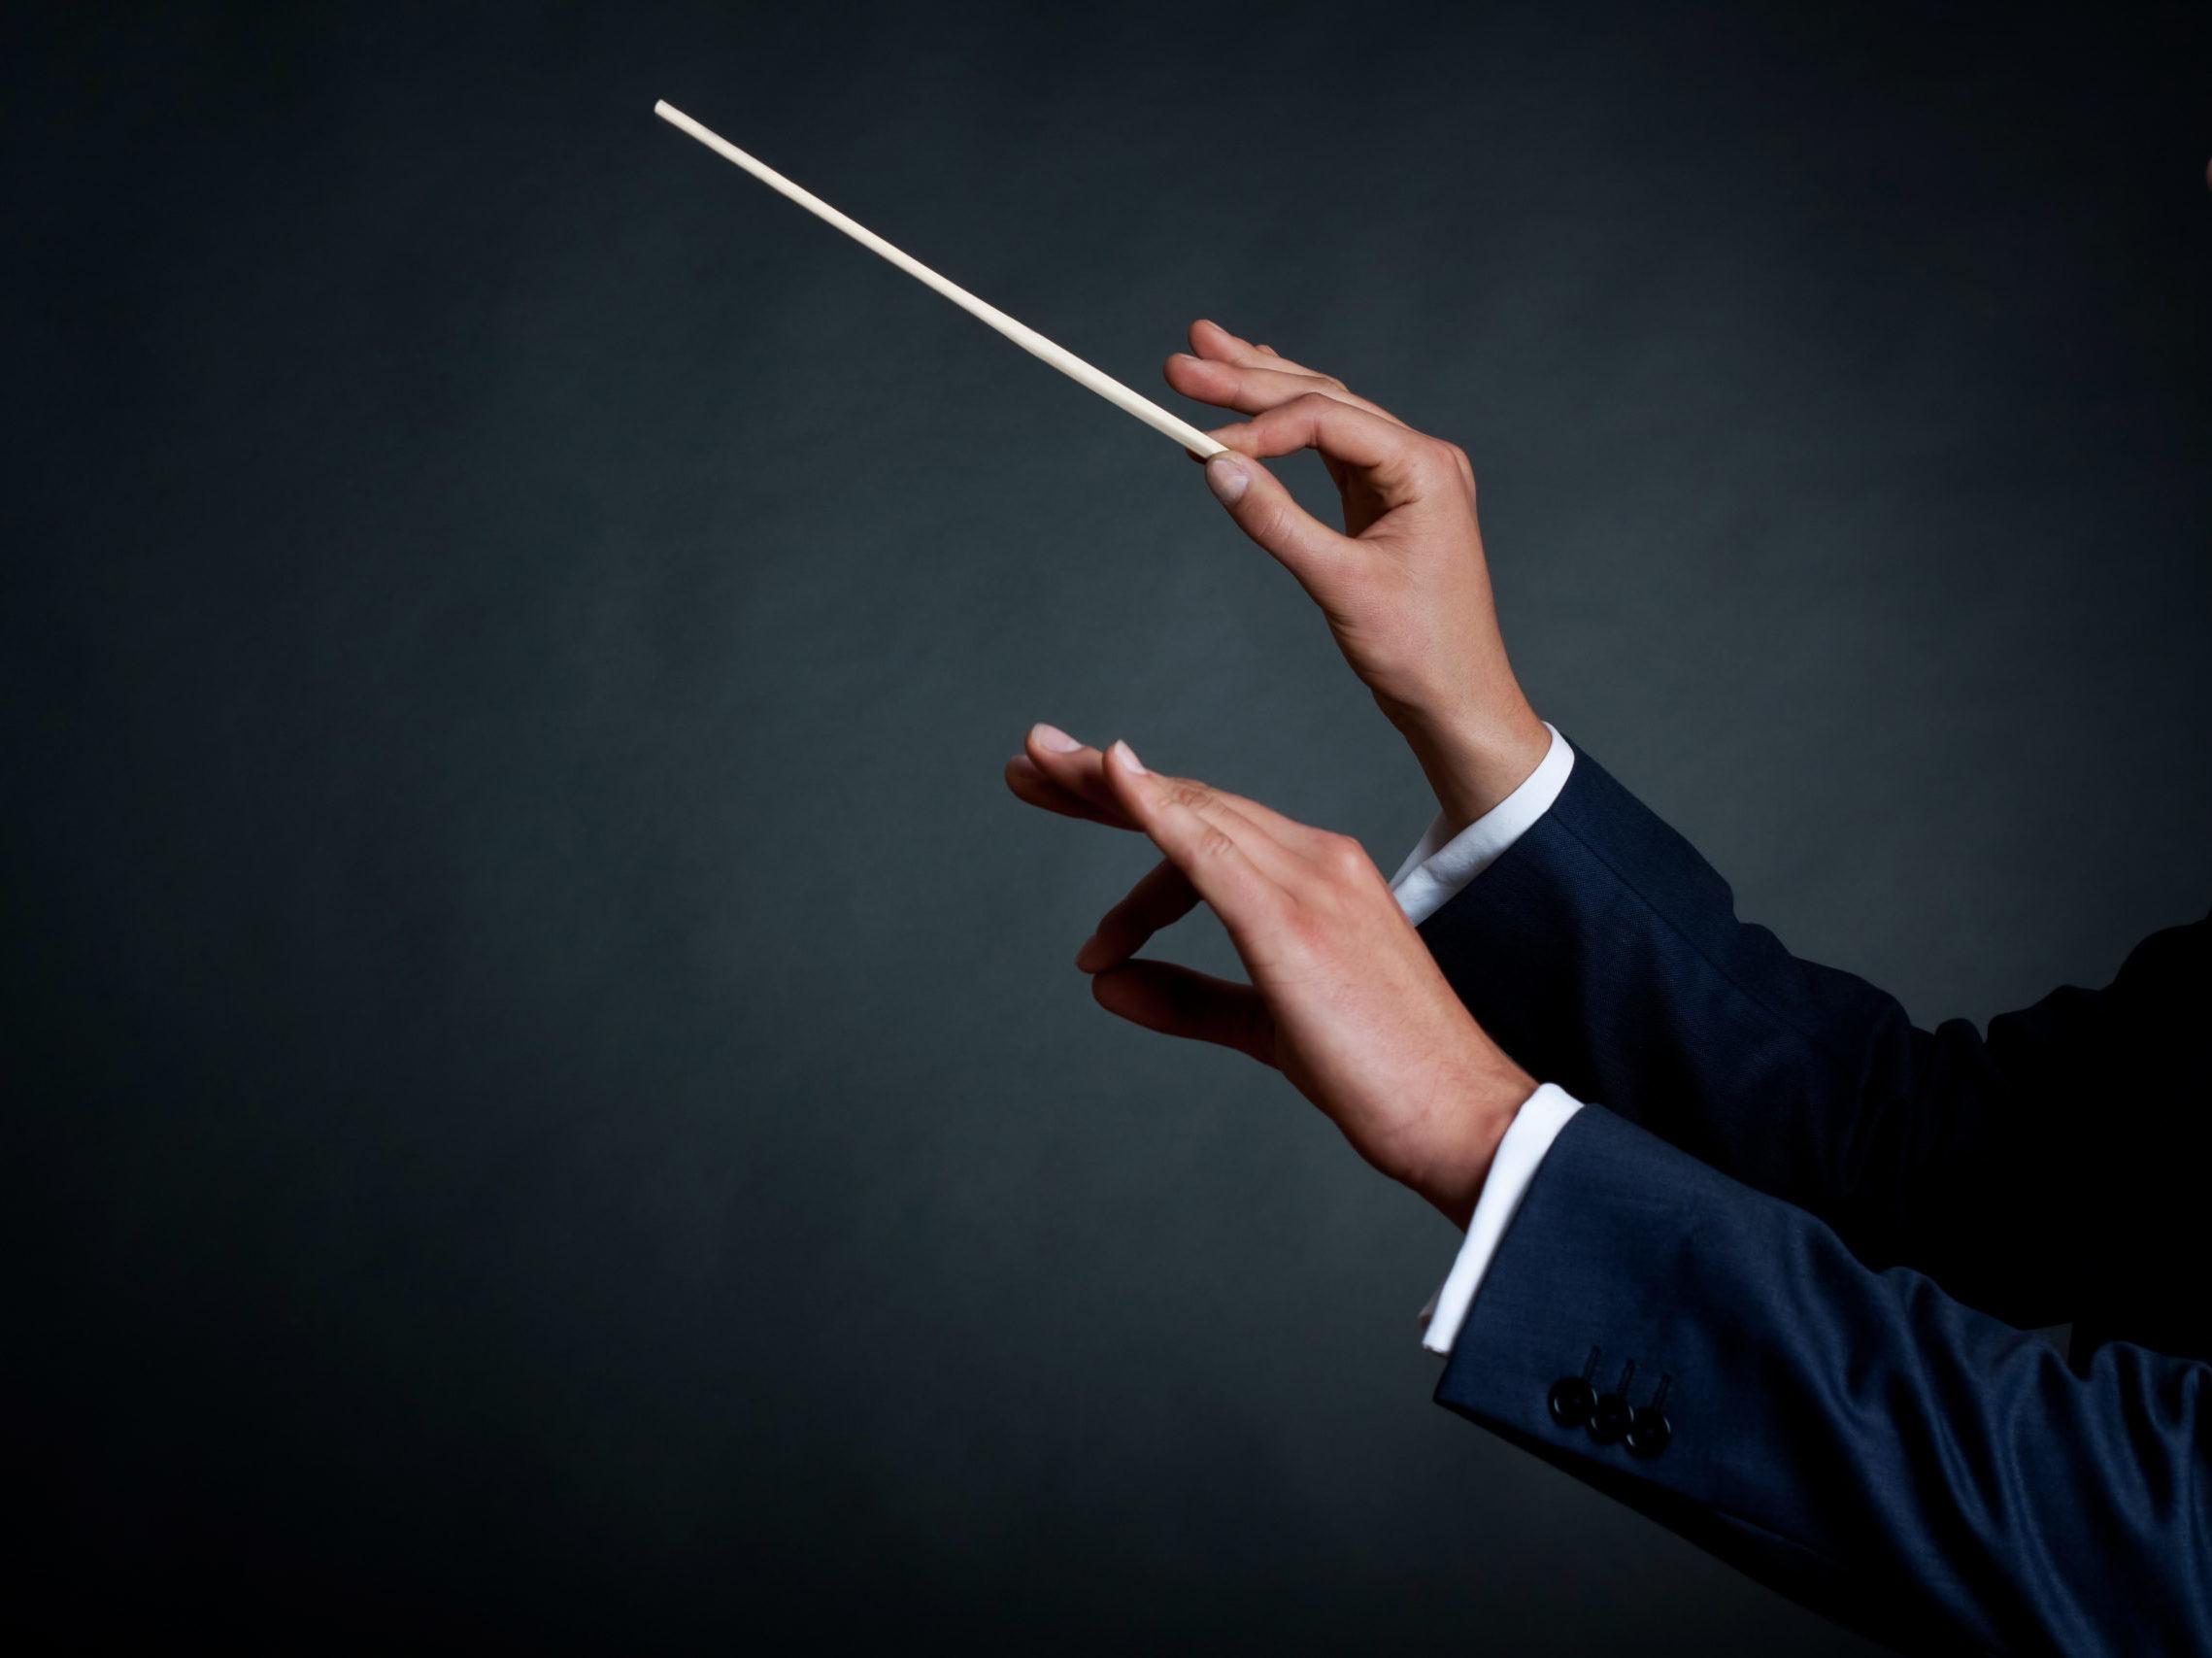 Bild eines männlichen Orchesterdirigenten, der mit seinem Taktstock im Konzert dirigiert